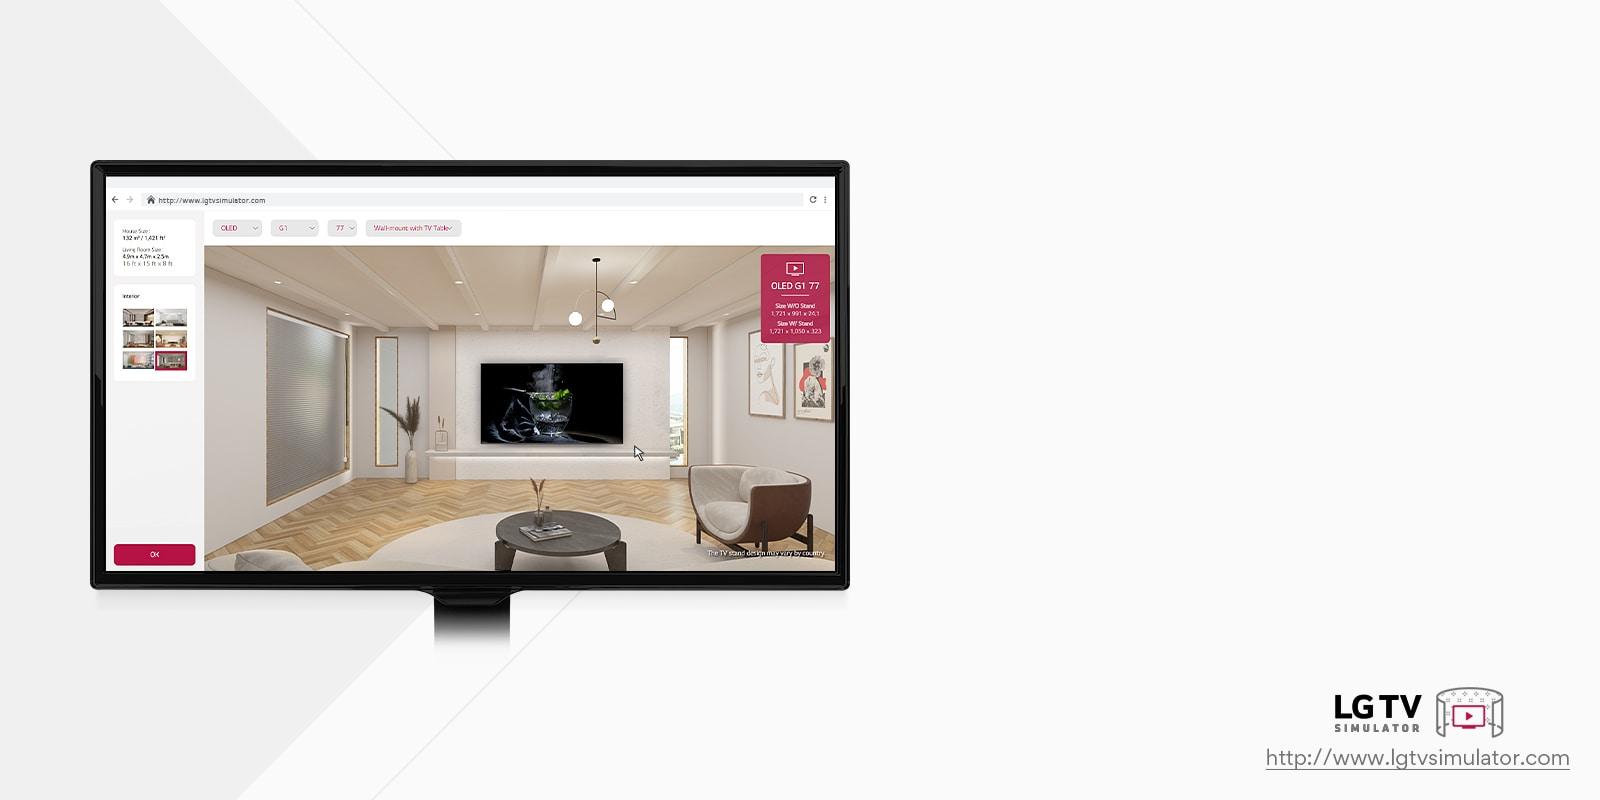 Questa immagine mostra il simulatore che puoi utilizzare per posizionare tutti i tipi di TV LG nello spazio virtuale.